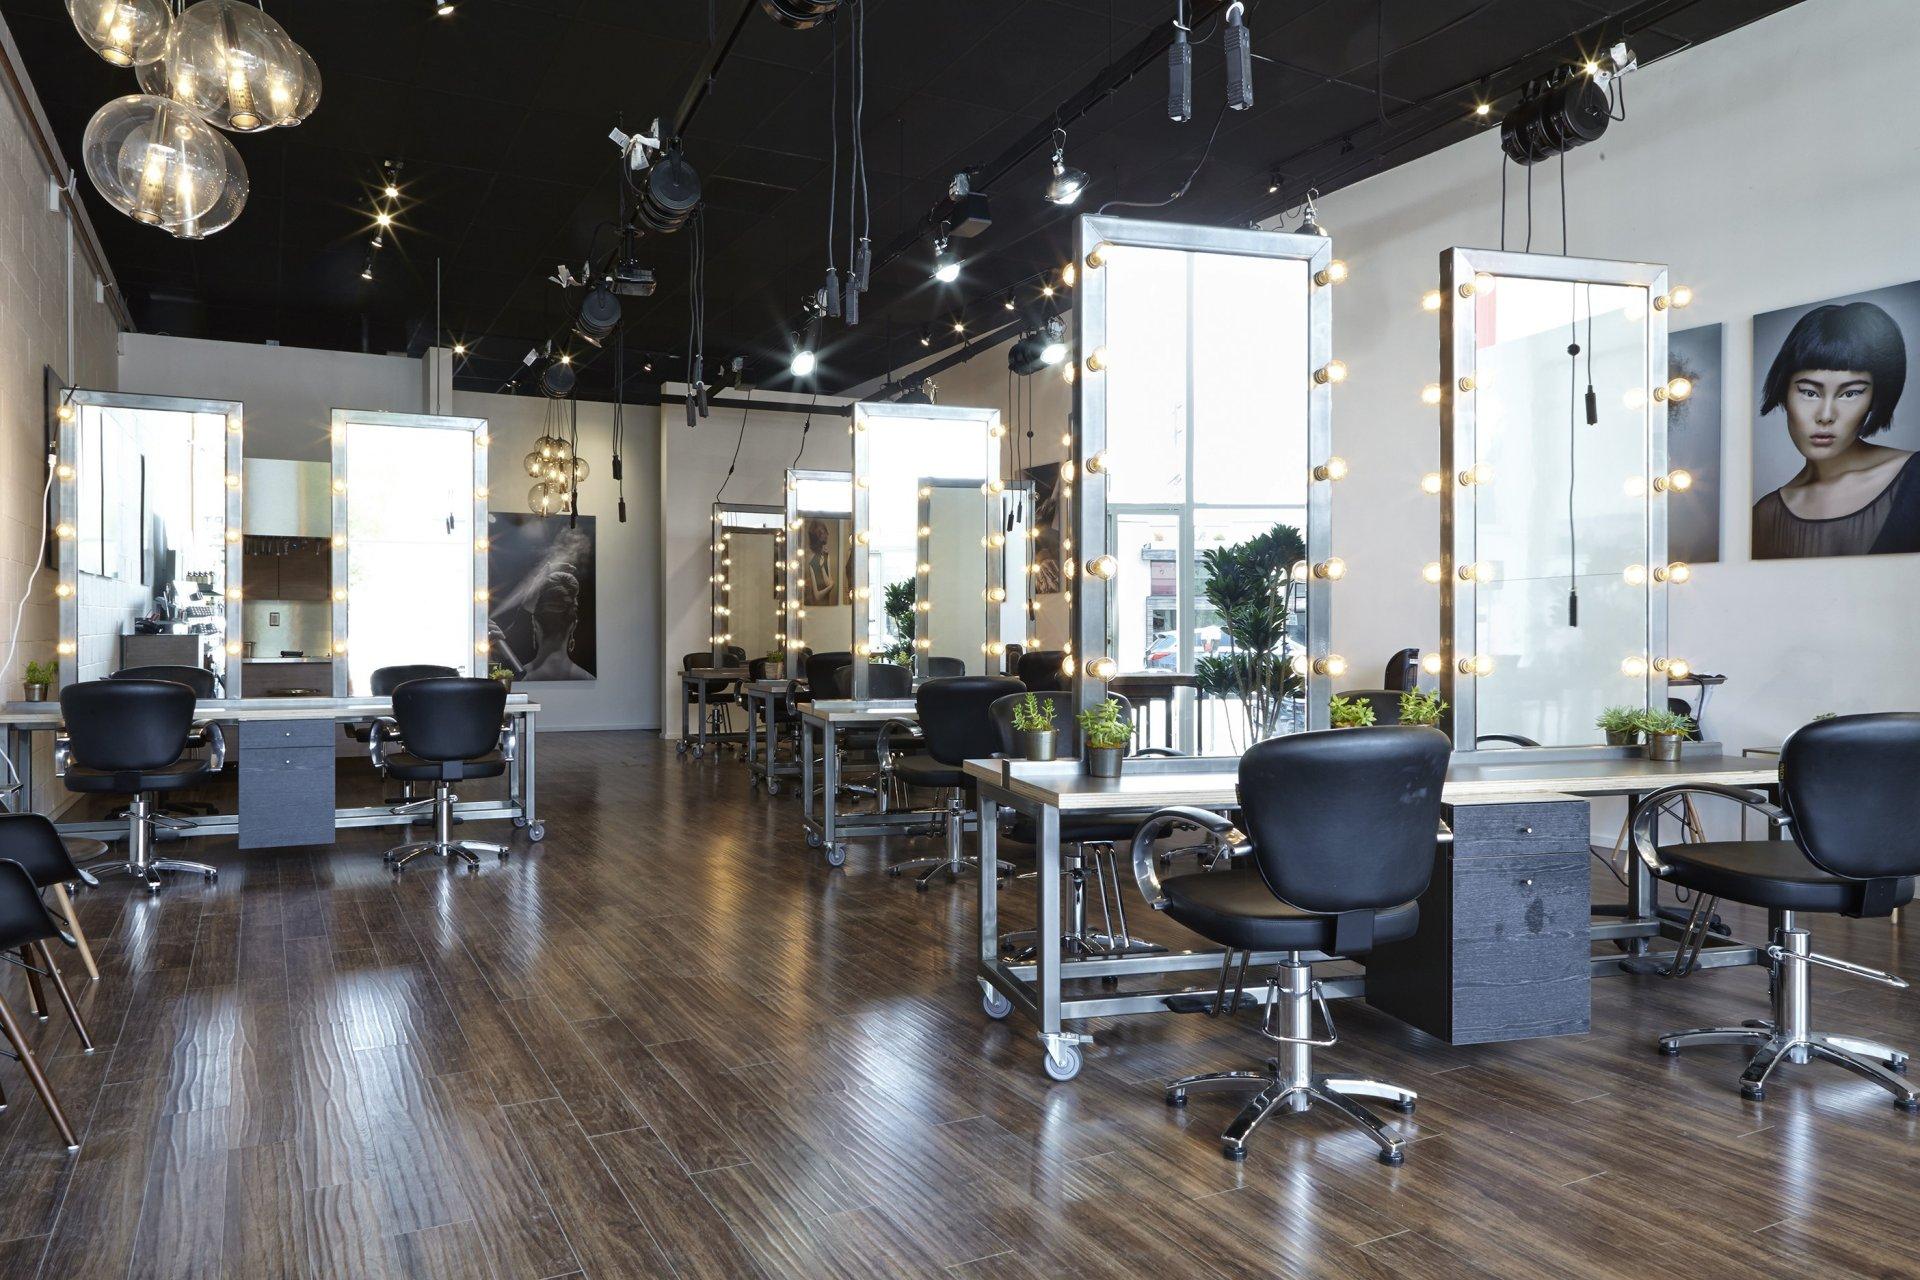 美发店装修 理发店 发廊装修 美容院装修装潢设计图片